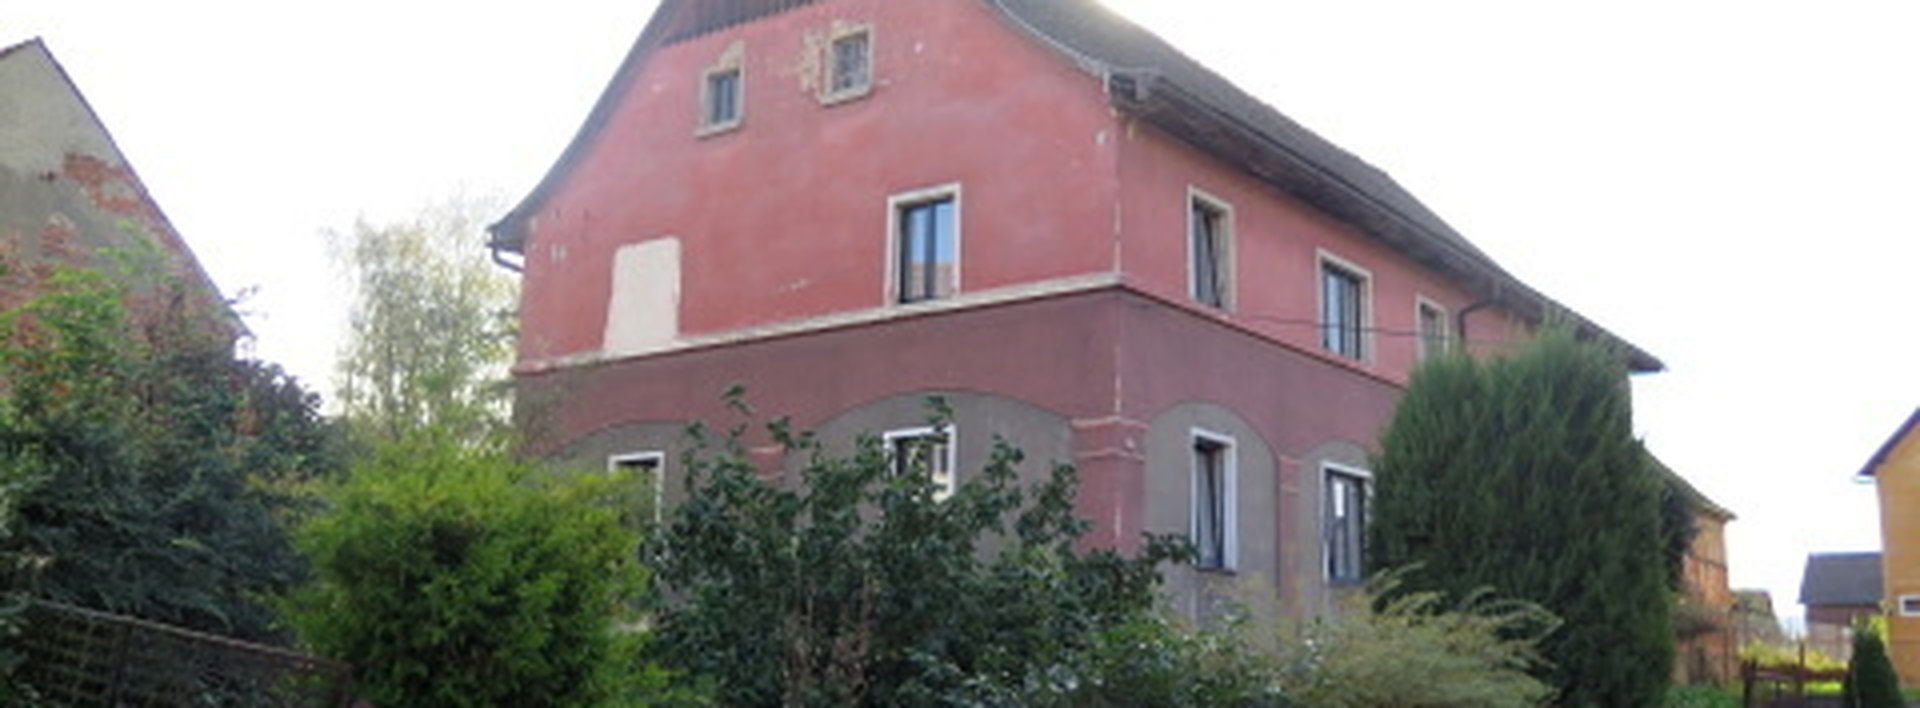 Venkovské stavení s rozlehlou parcelou a stodolami, Ev.č.: N47559